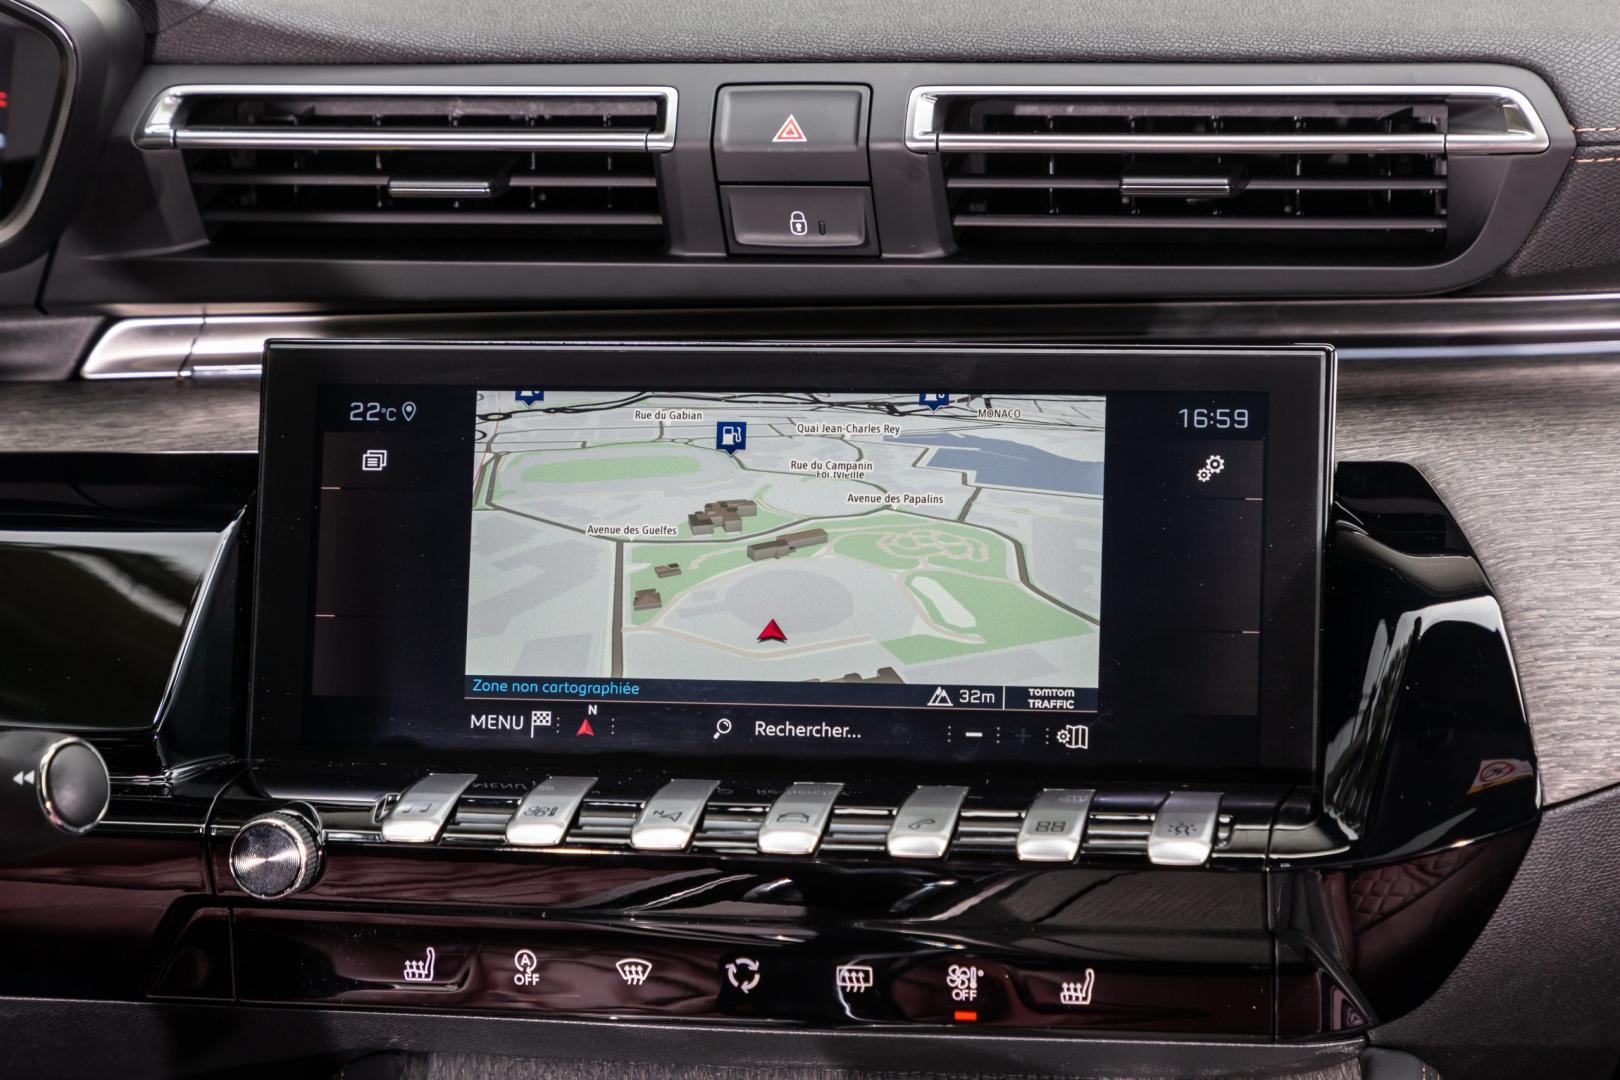 Peugeot 508 2018 navigatie